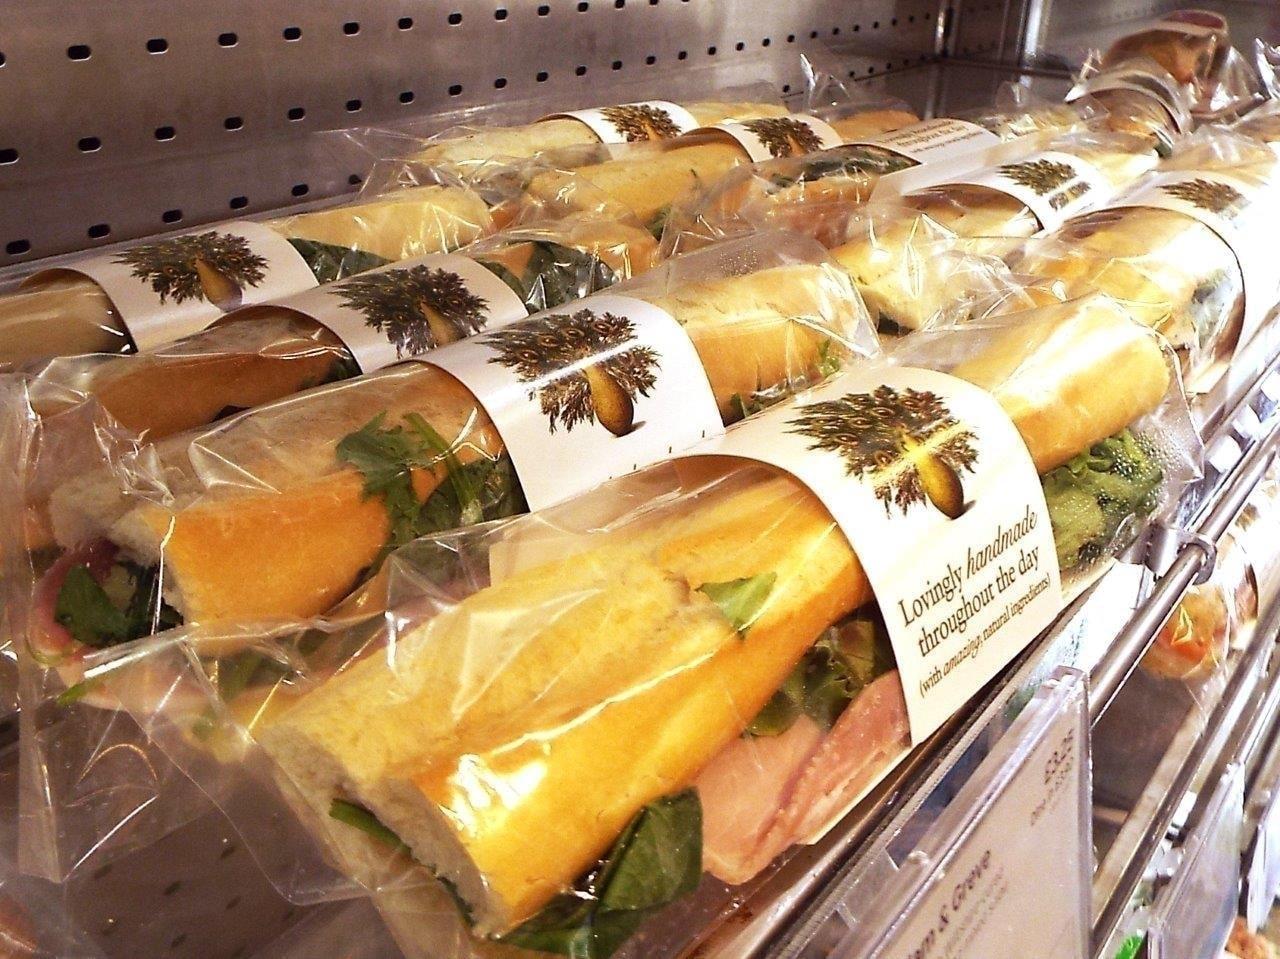 Various Pret baguettes